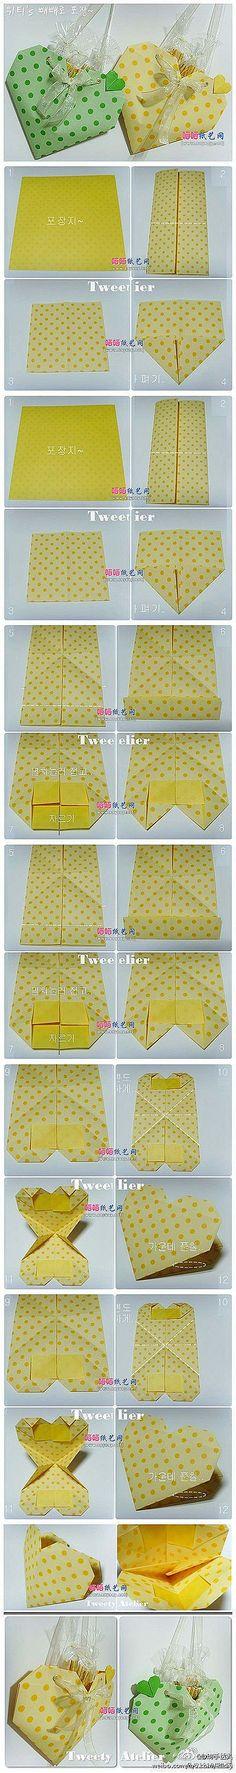 Cute paper heart treat bags